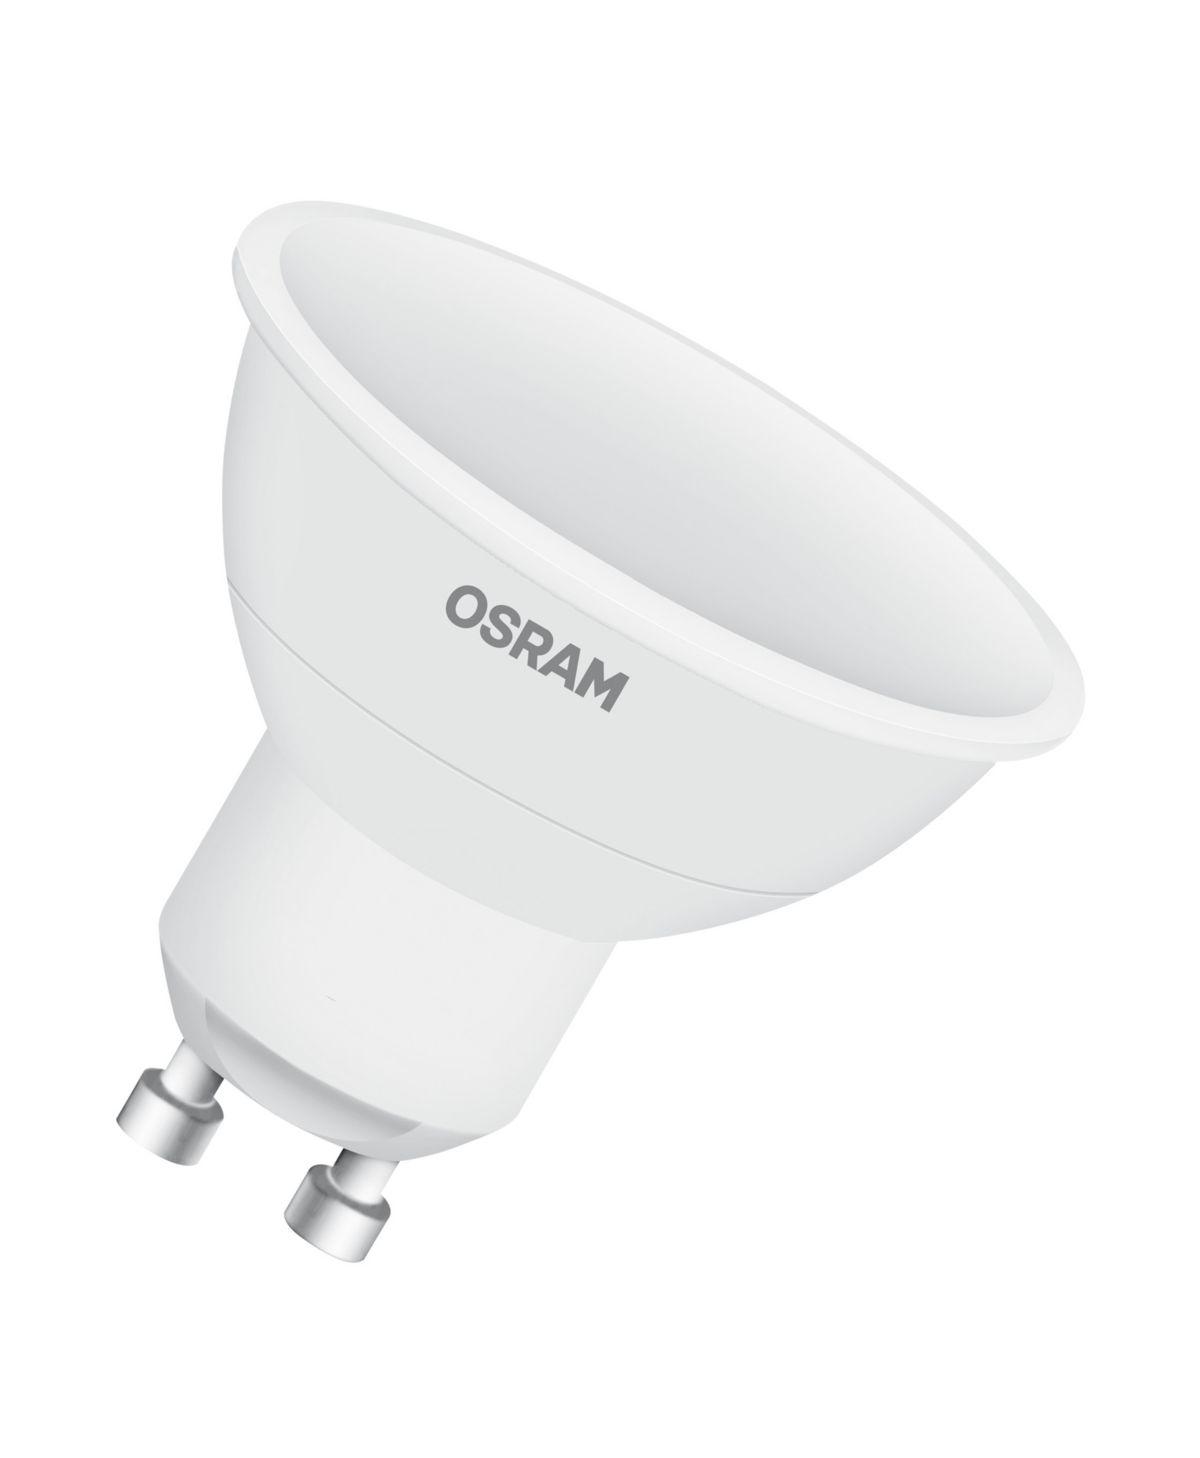 Osram Consumer LED-RGBW-Lampe mit Fernbedienung...